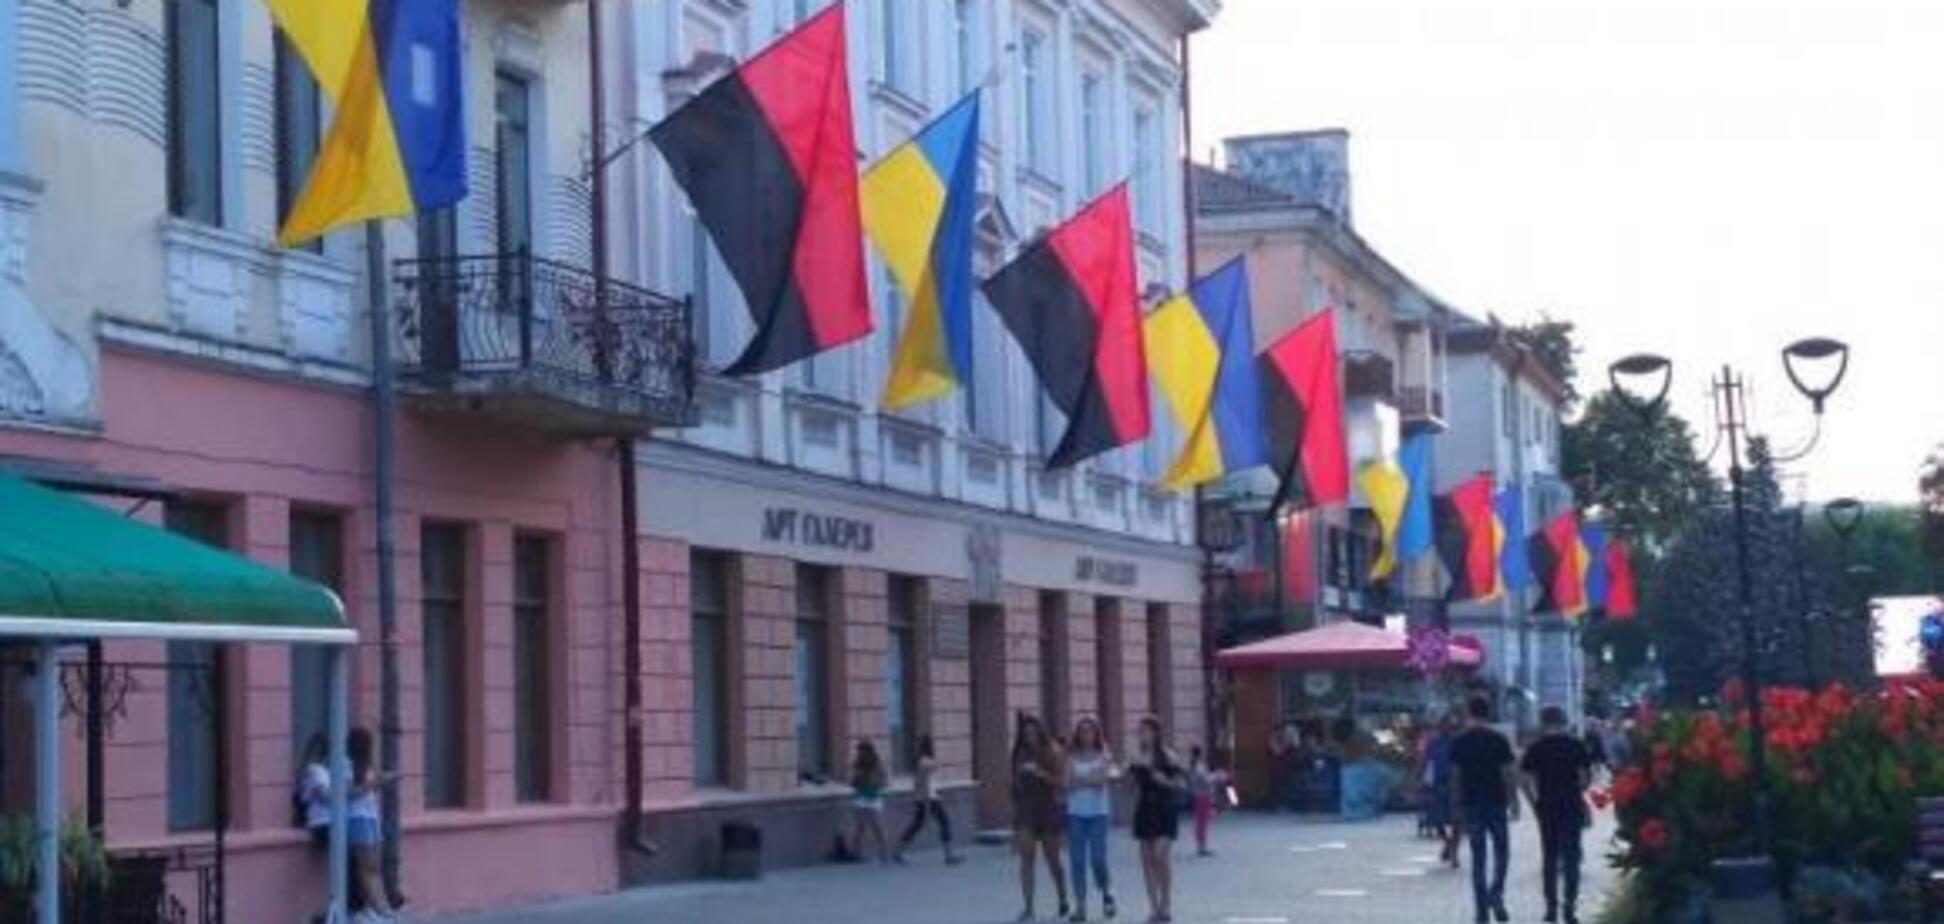 'Почему прапор УПА?' Россиянин восхитился украинским городом